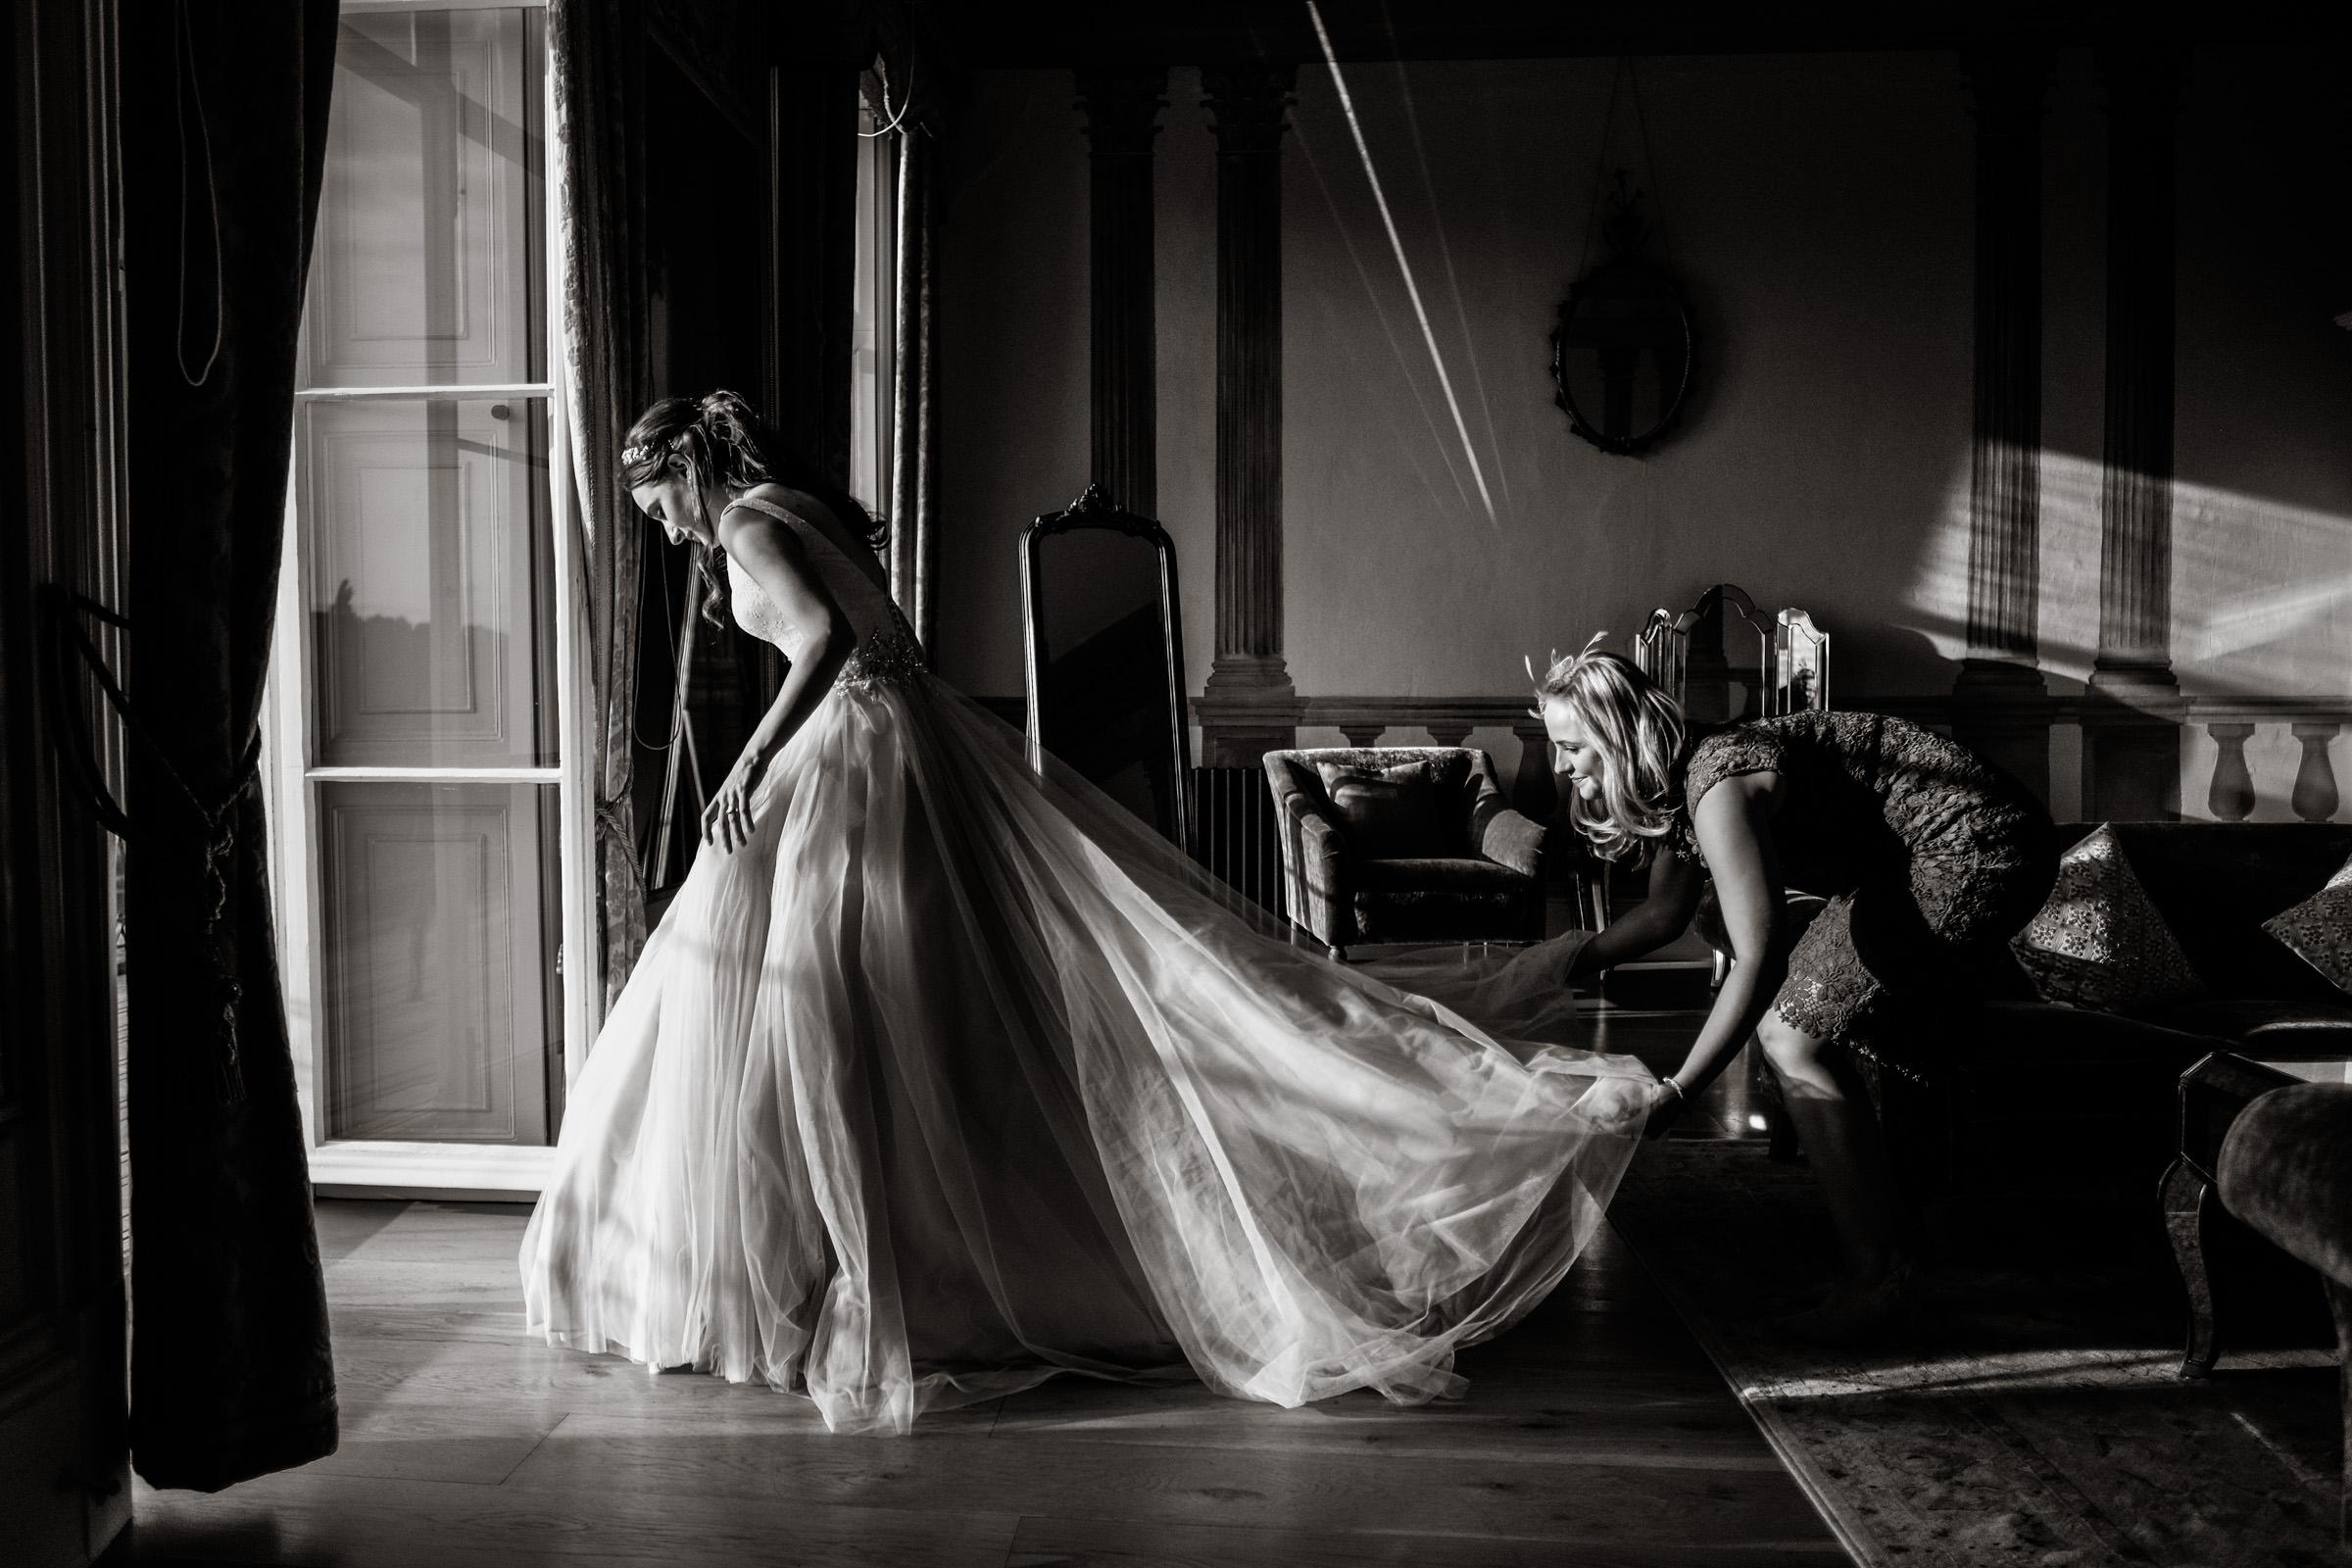 Rockbeare+Manor+Wedding+Photos+Devon+031.jpg